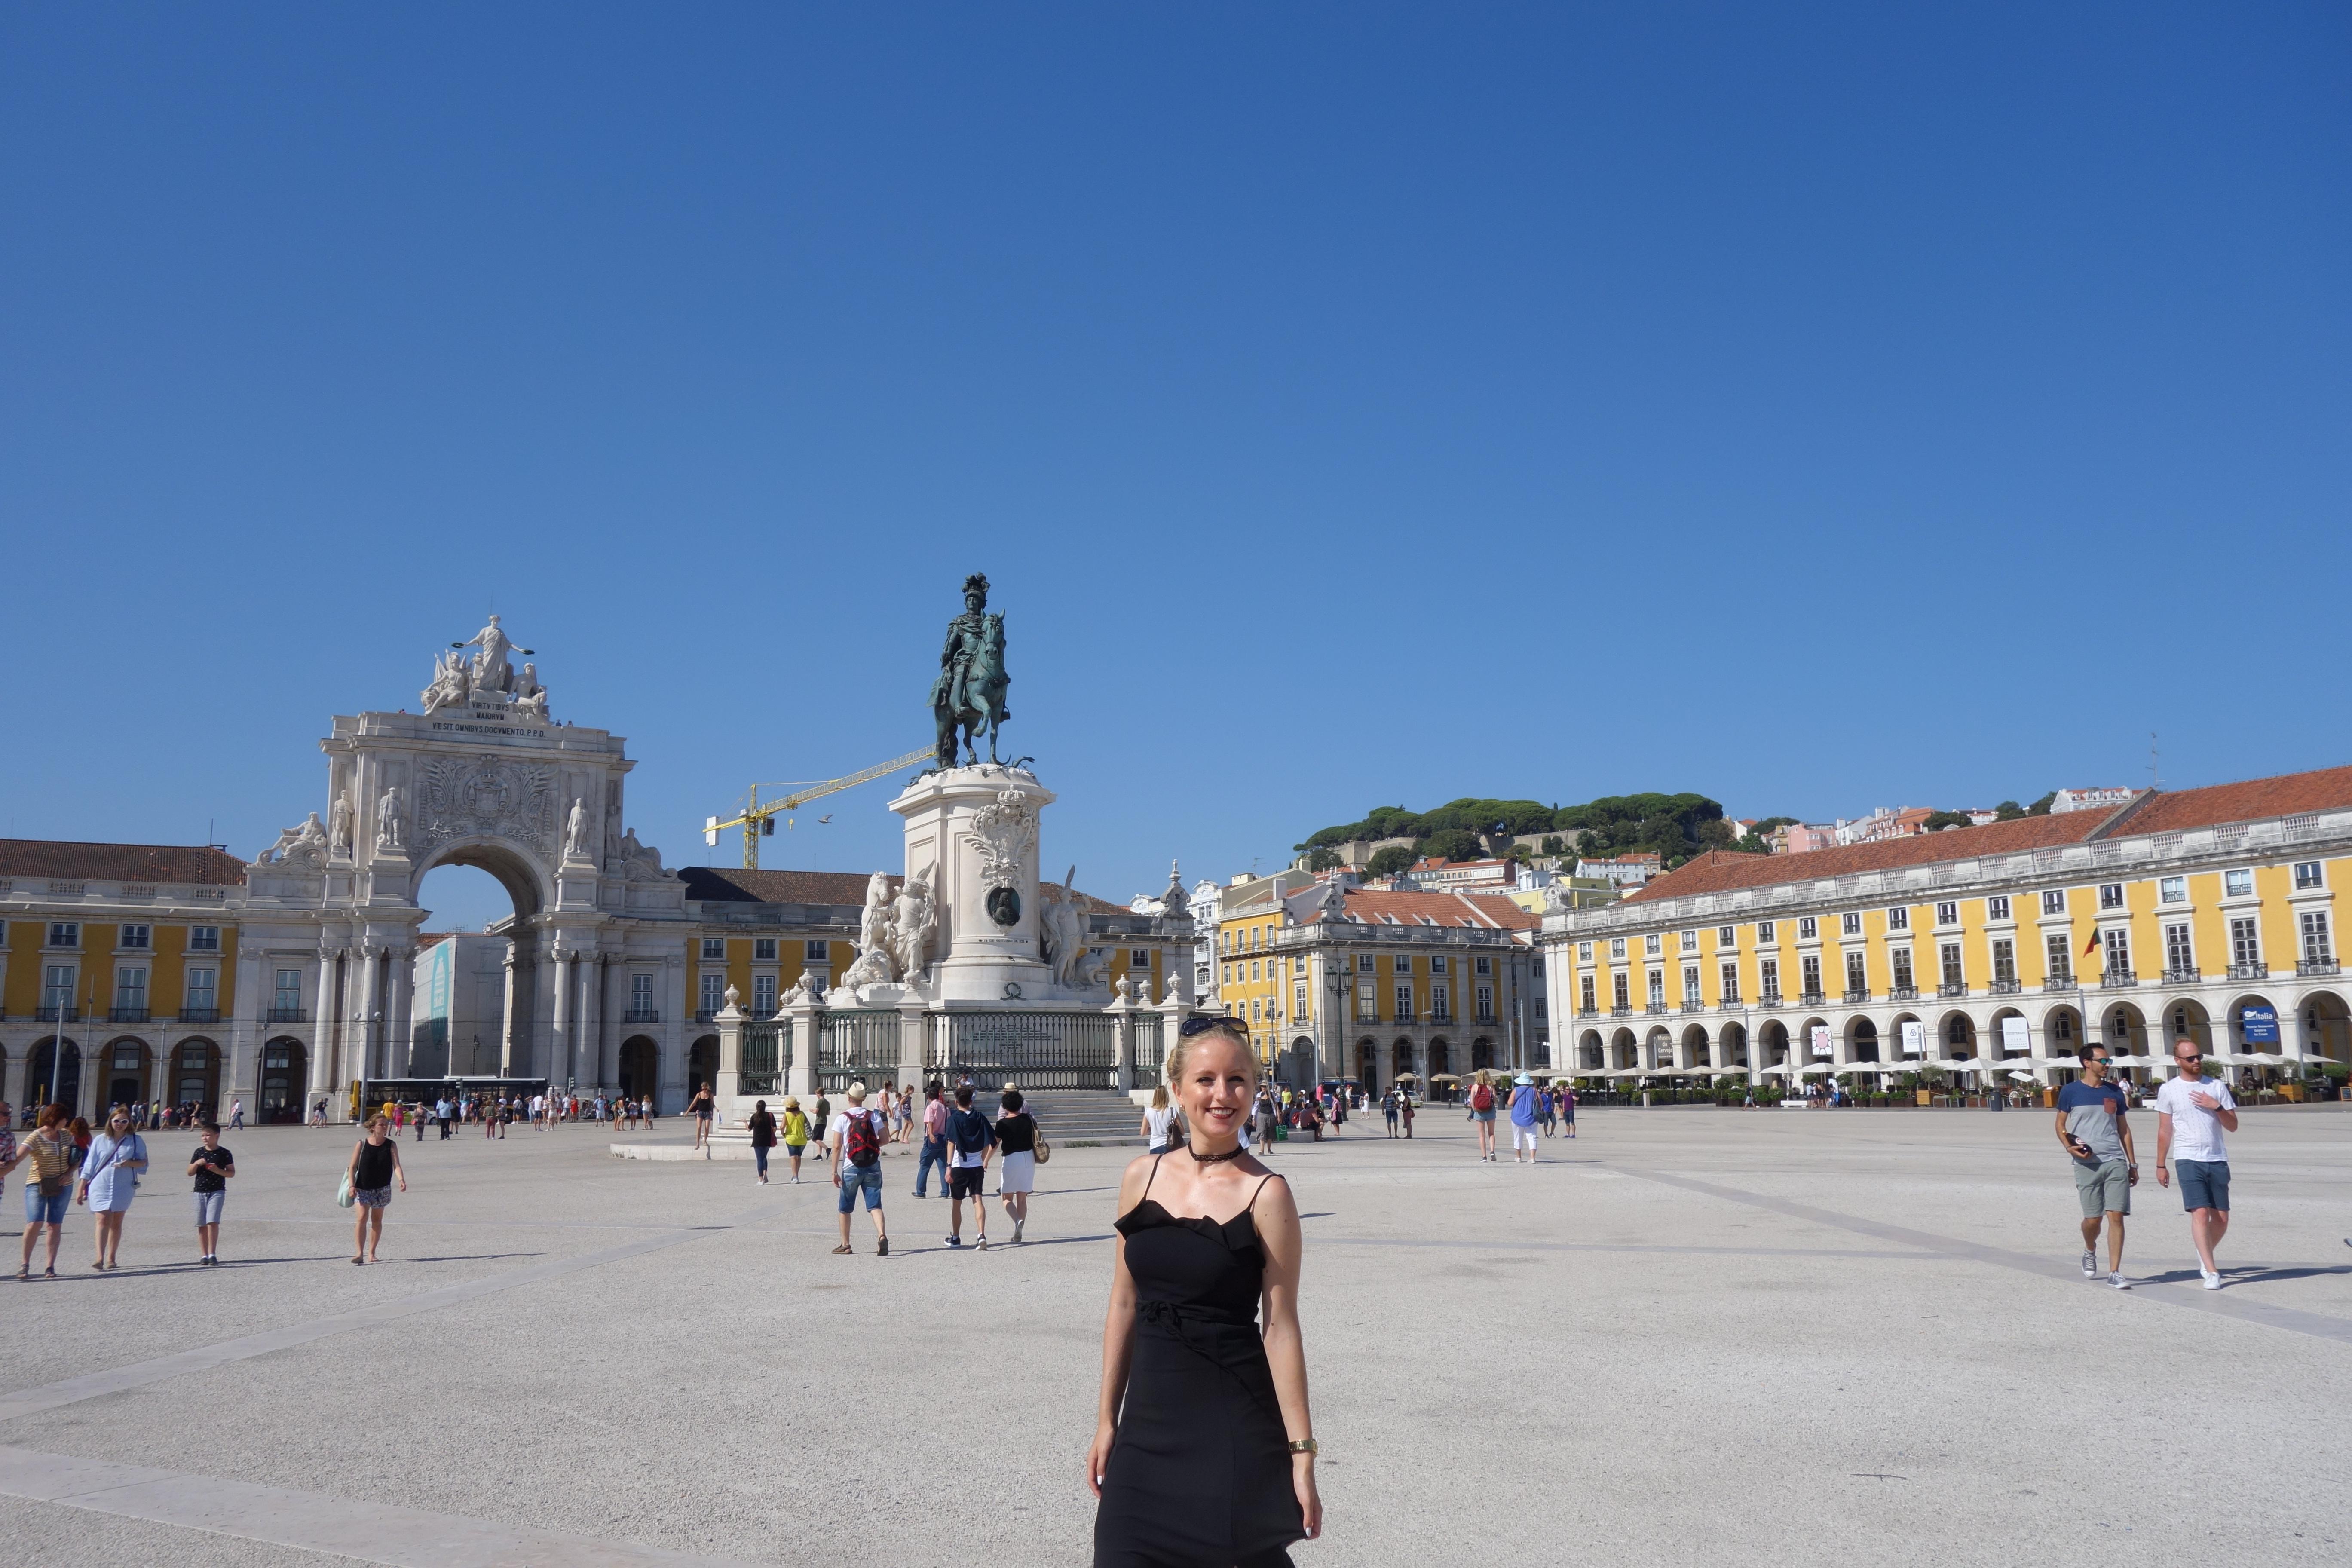 Lissabon: Praça do Comércio (Platz des Hadels) mit dem Triumphbogen Rua Augusta und der Reiterstatue von König José I.